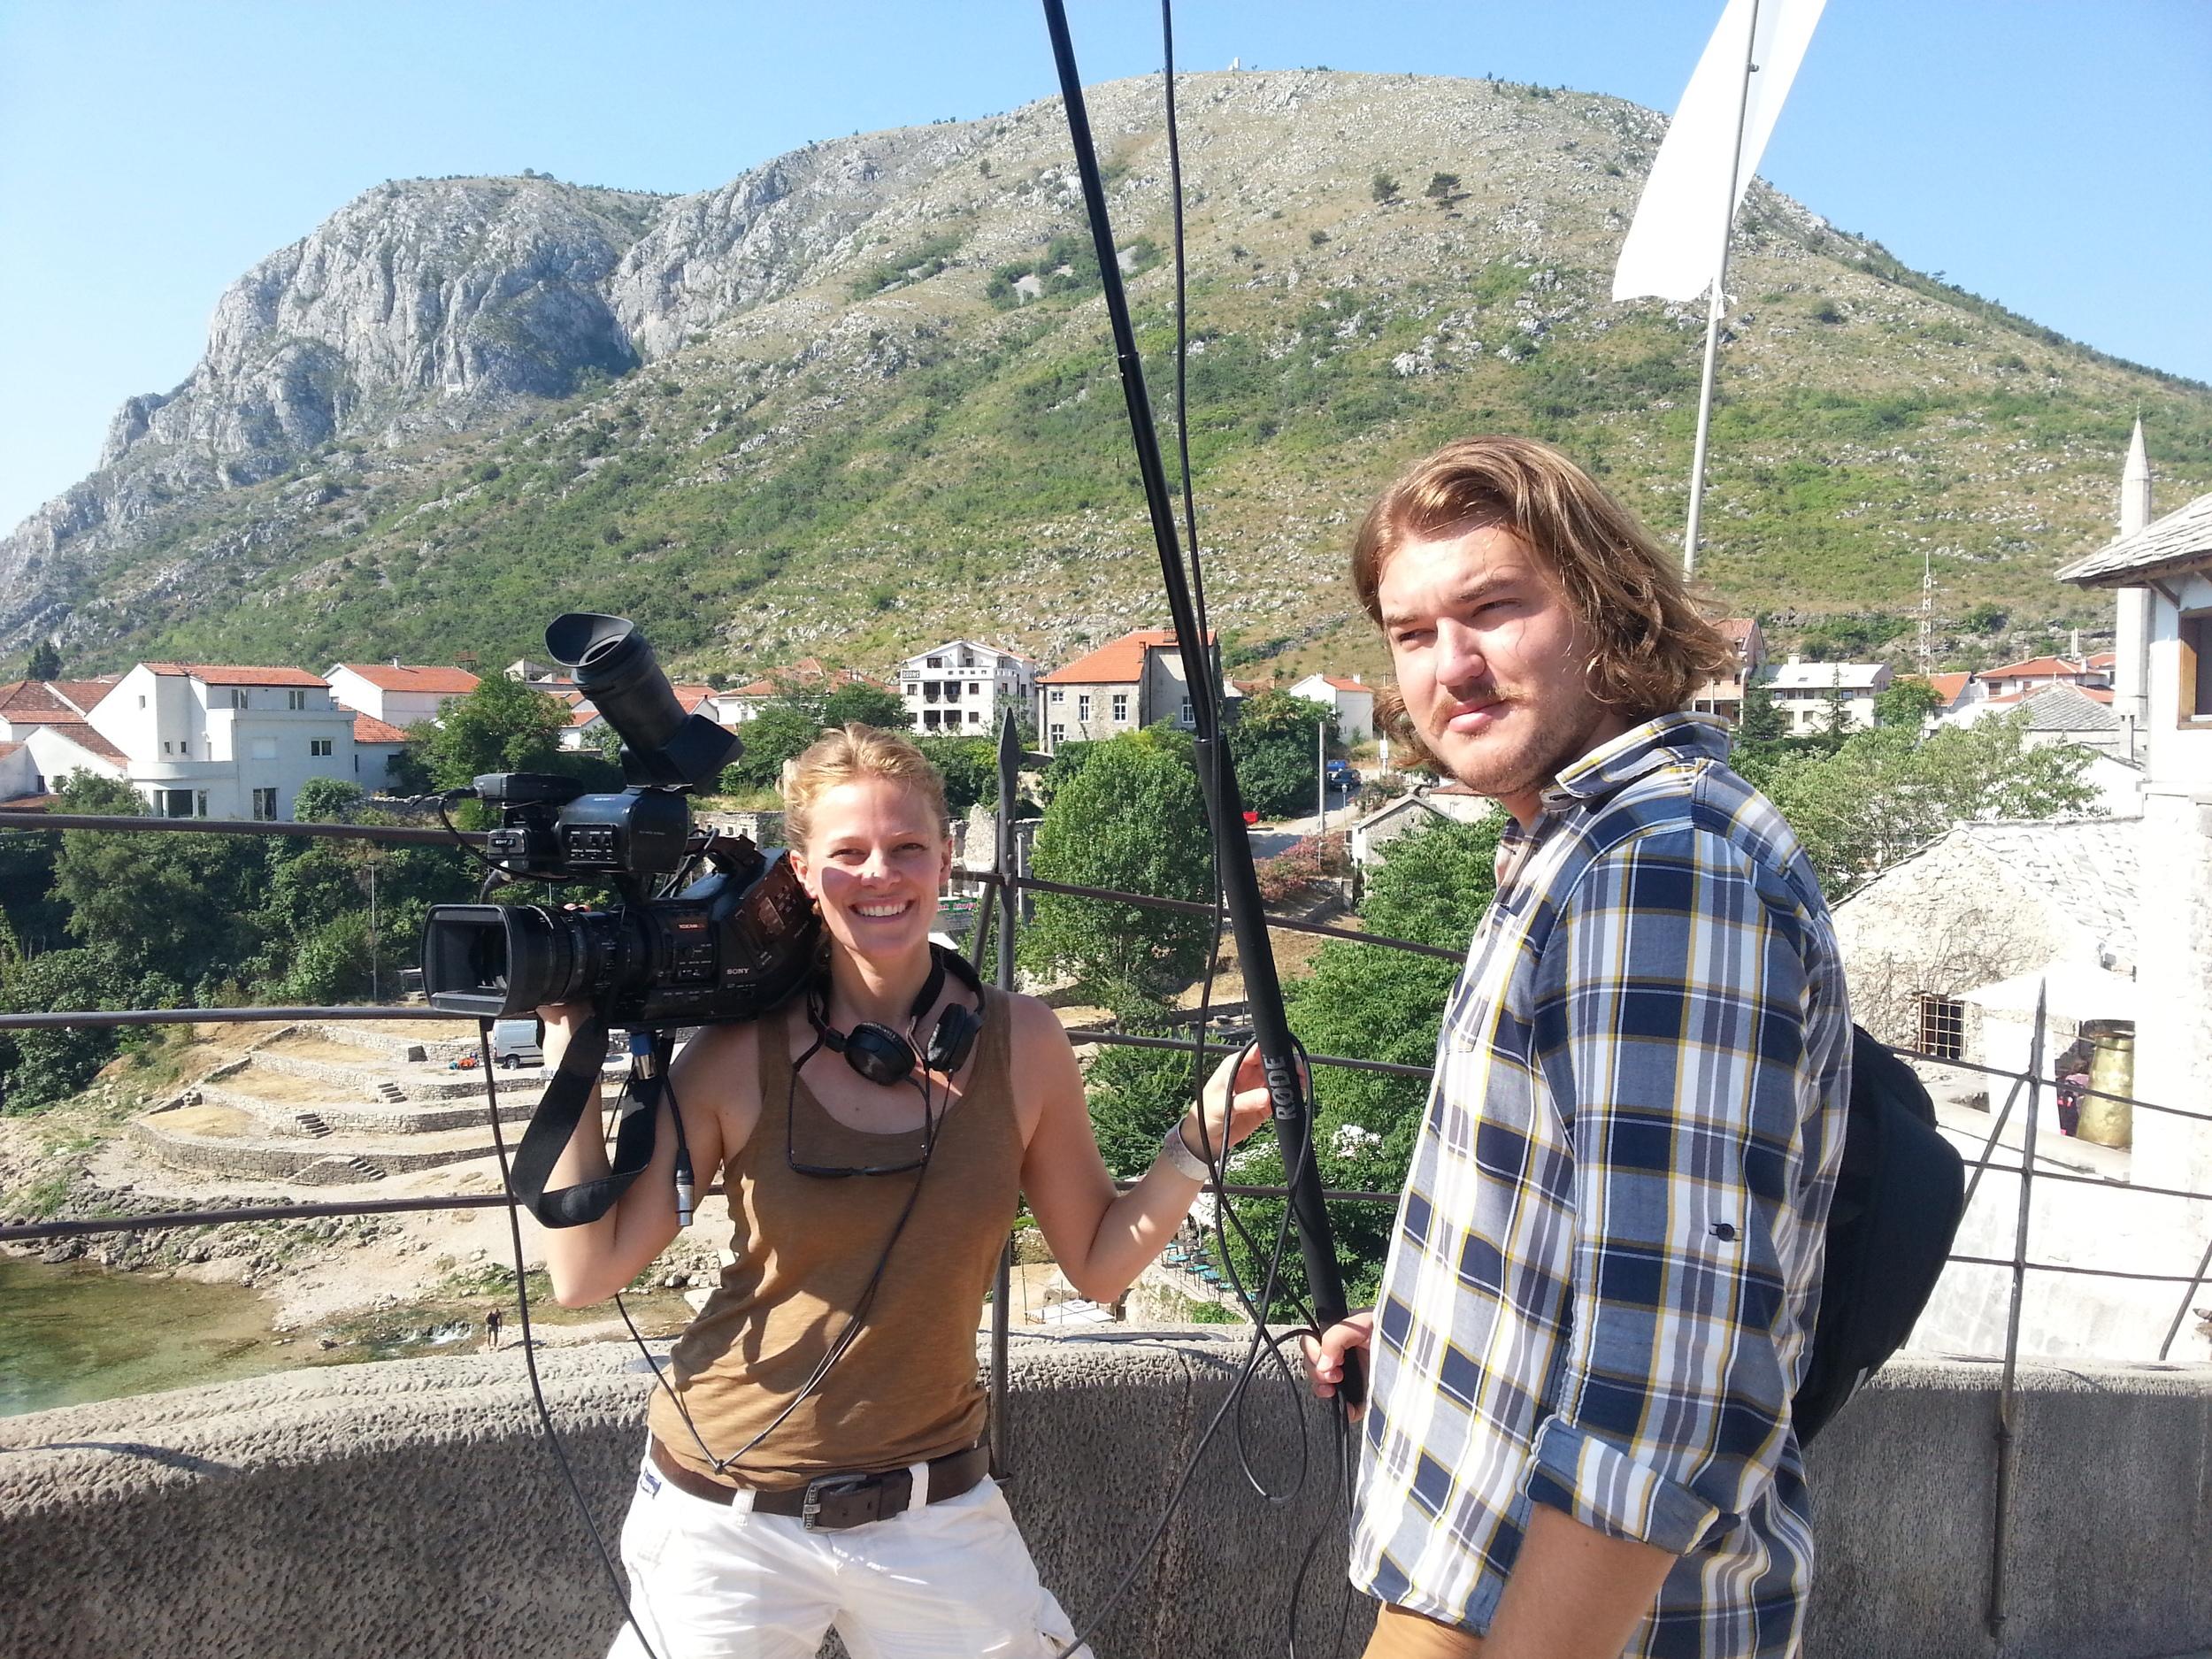 Sophia & Srdjan, Mostar July 2013